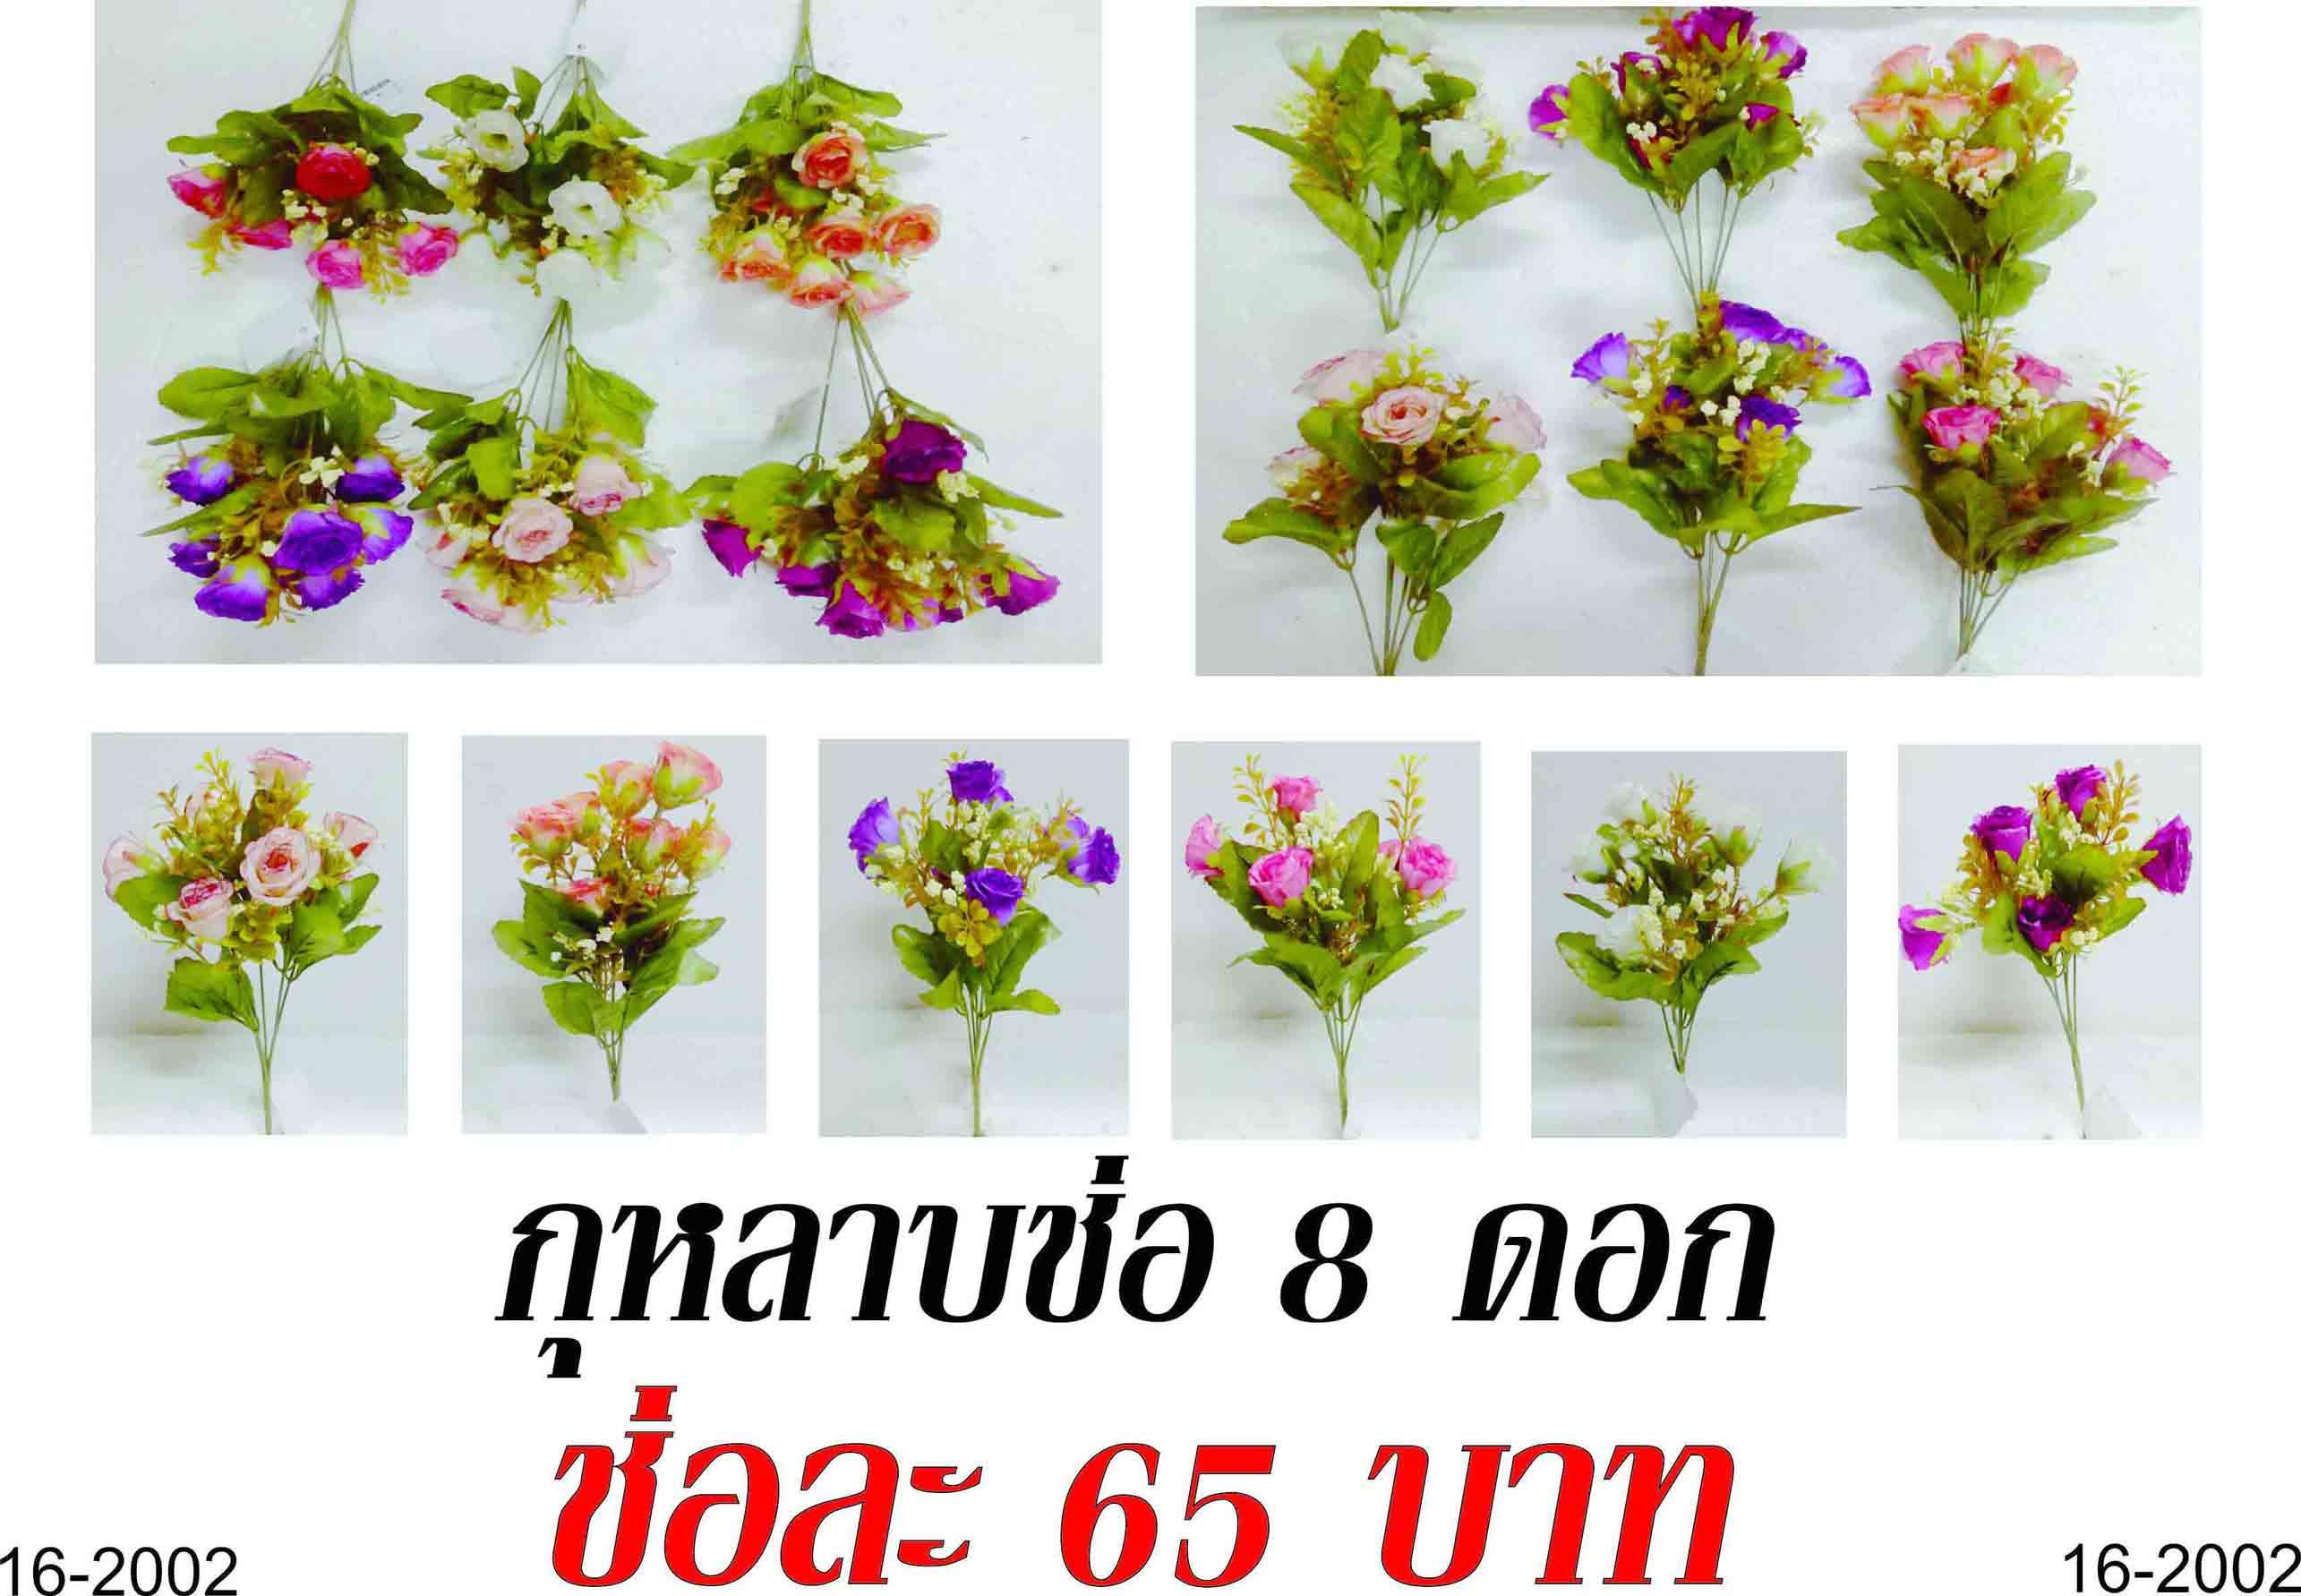 กุหลาบช่อ 8 ดอก